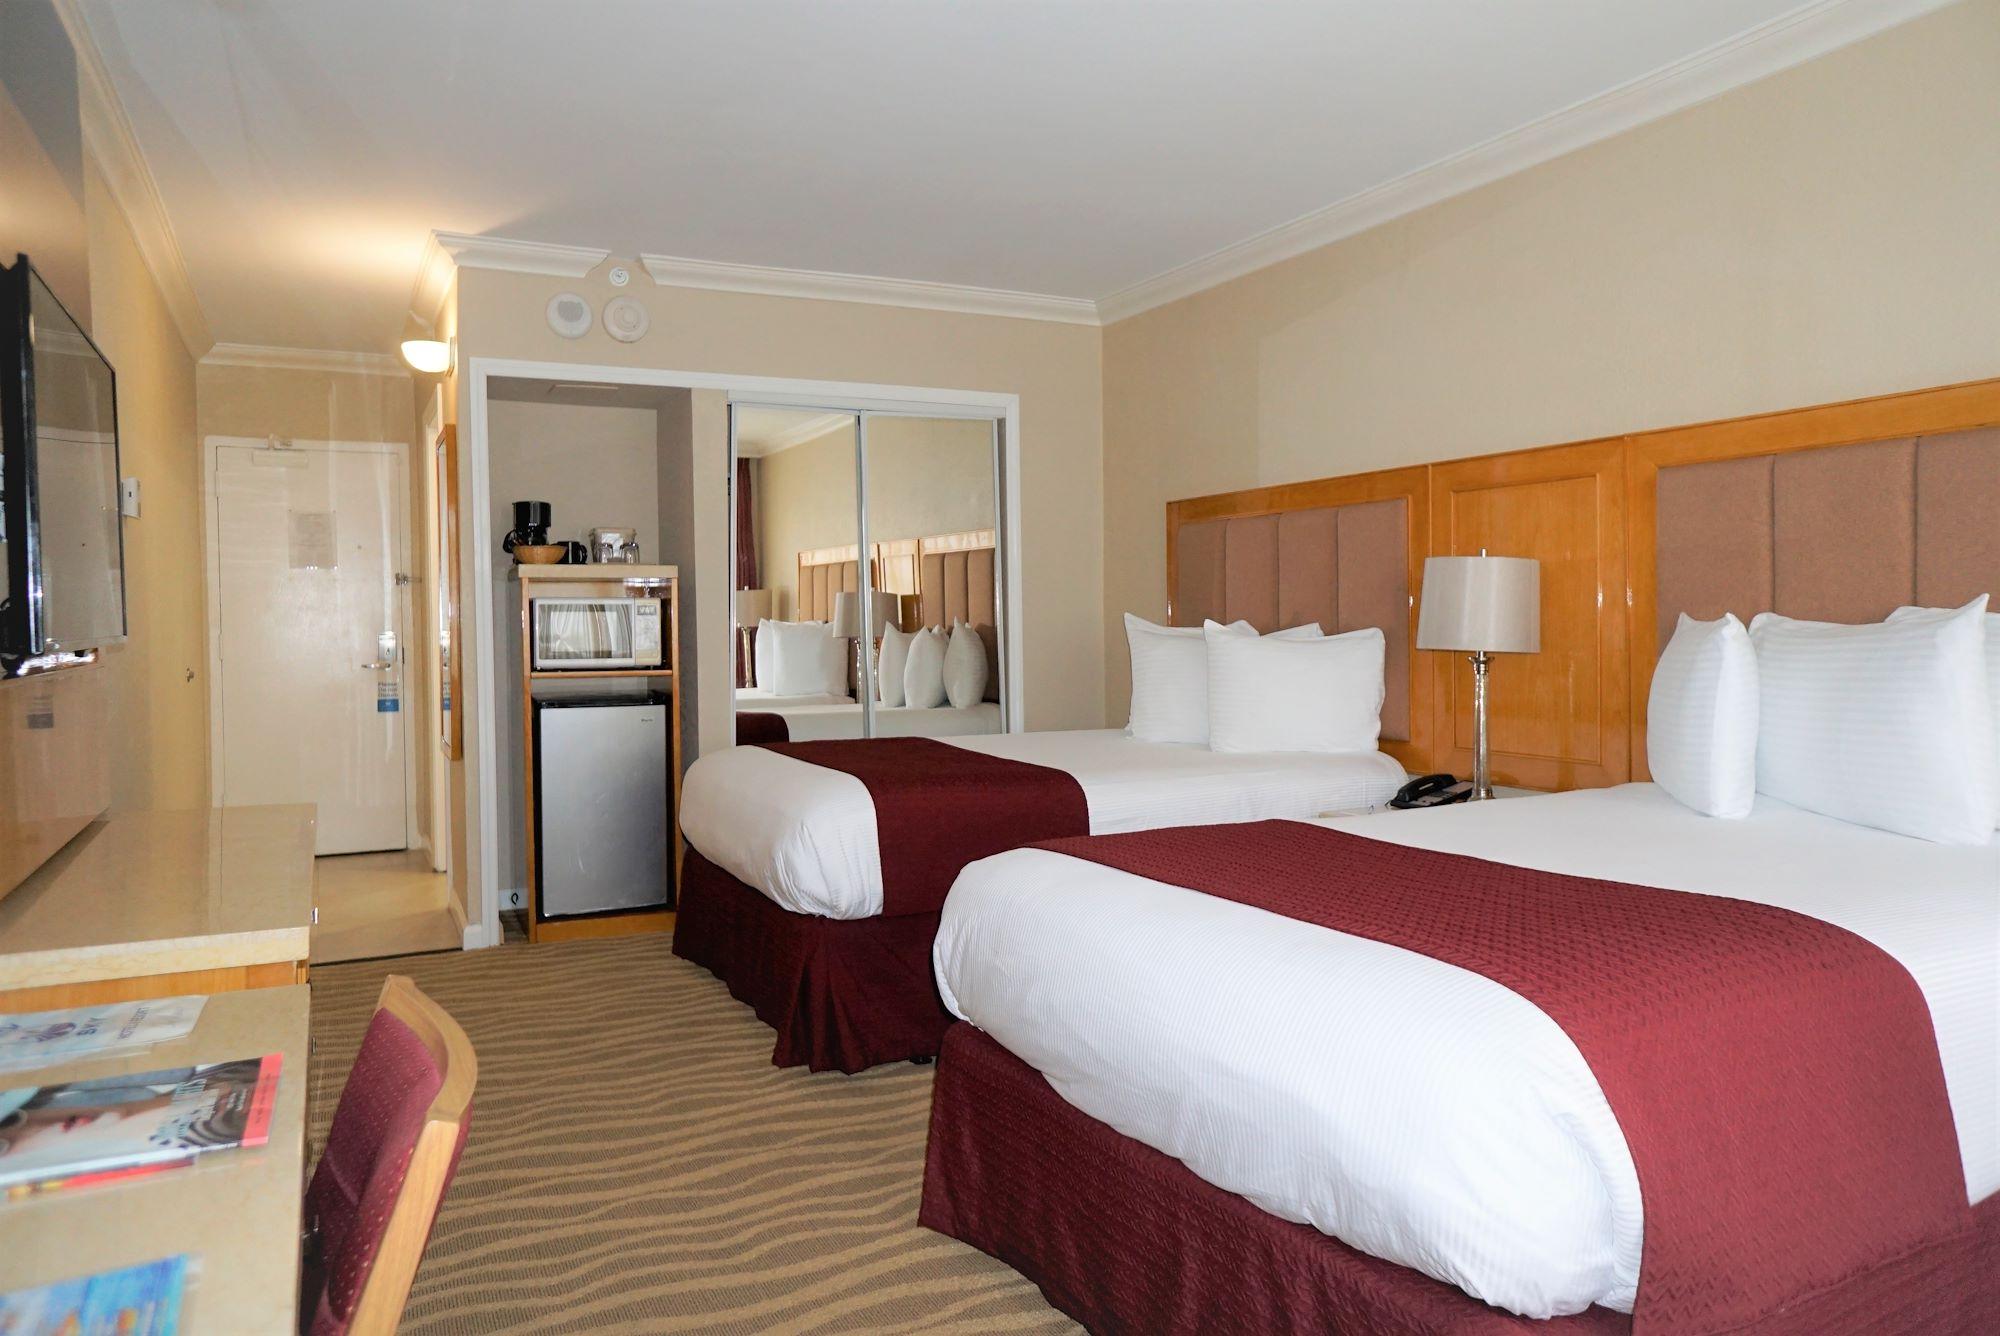 chambre standard avec deux lits doubles